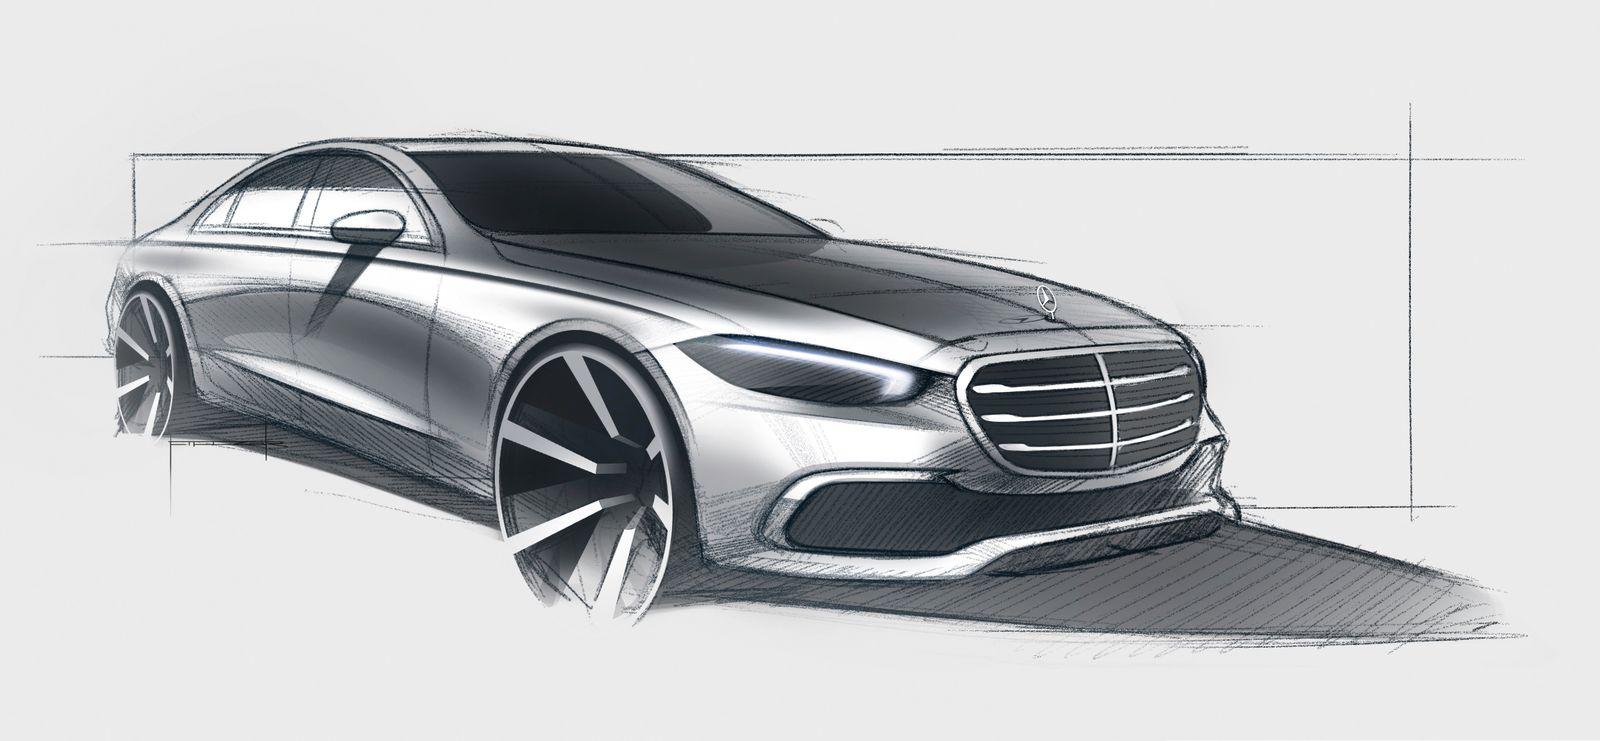 Die neue Mercedes-Benz S-Klasse lässt automobilen Luxus völlig neu erleben